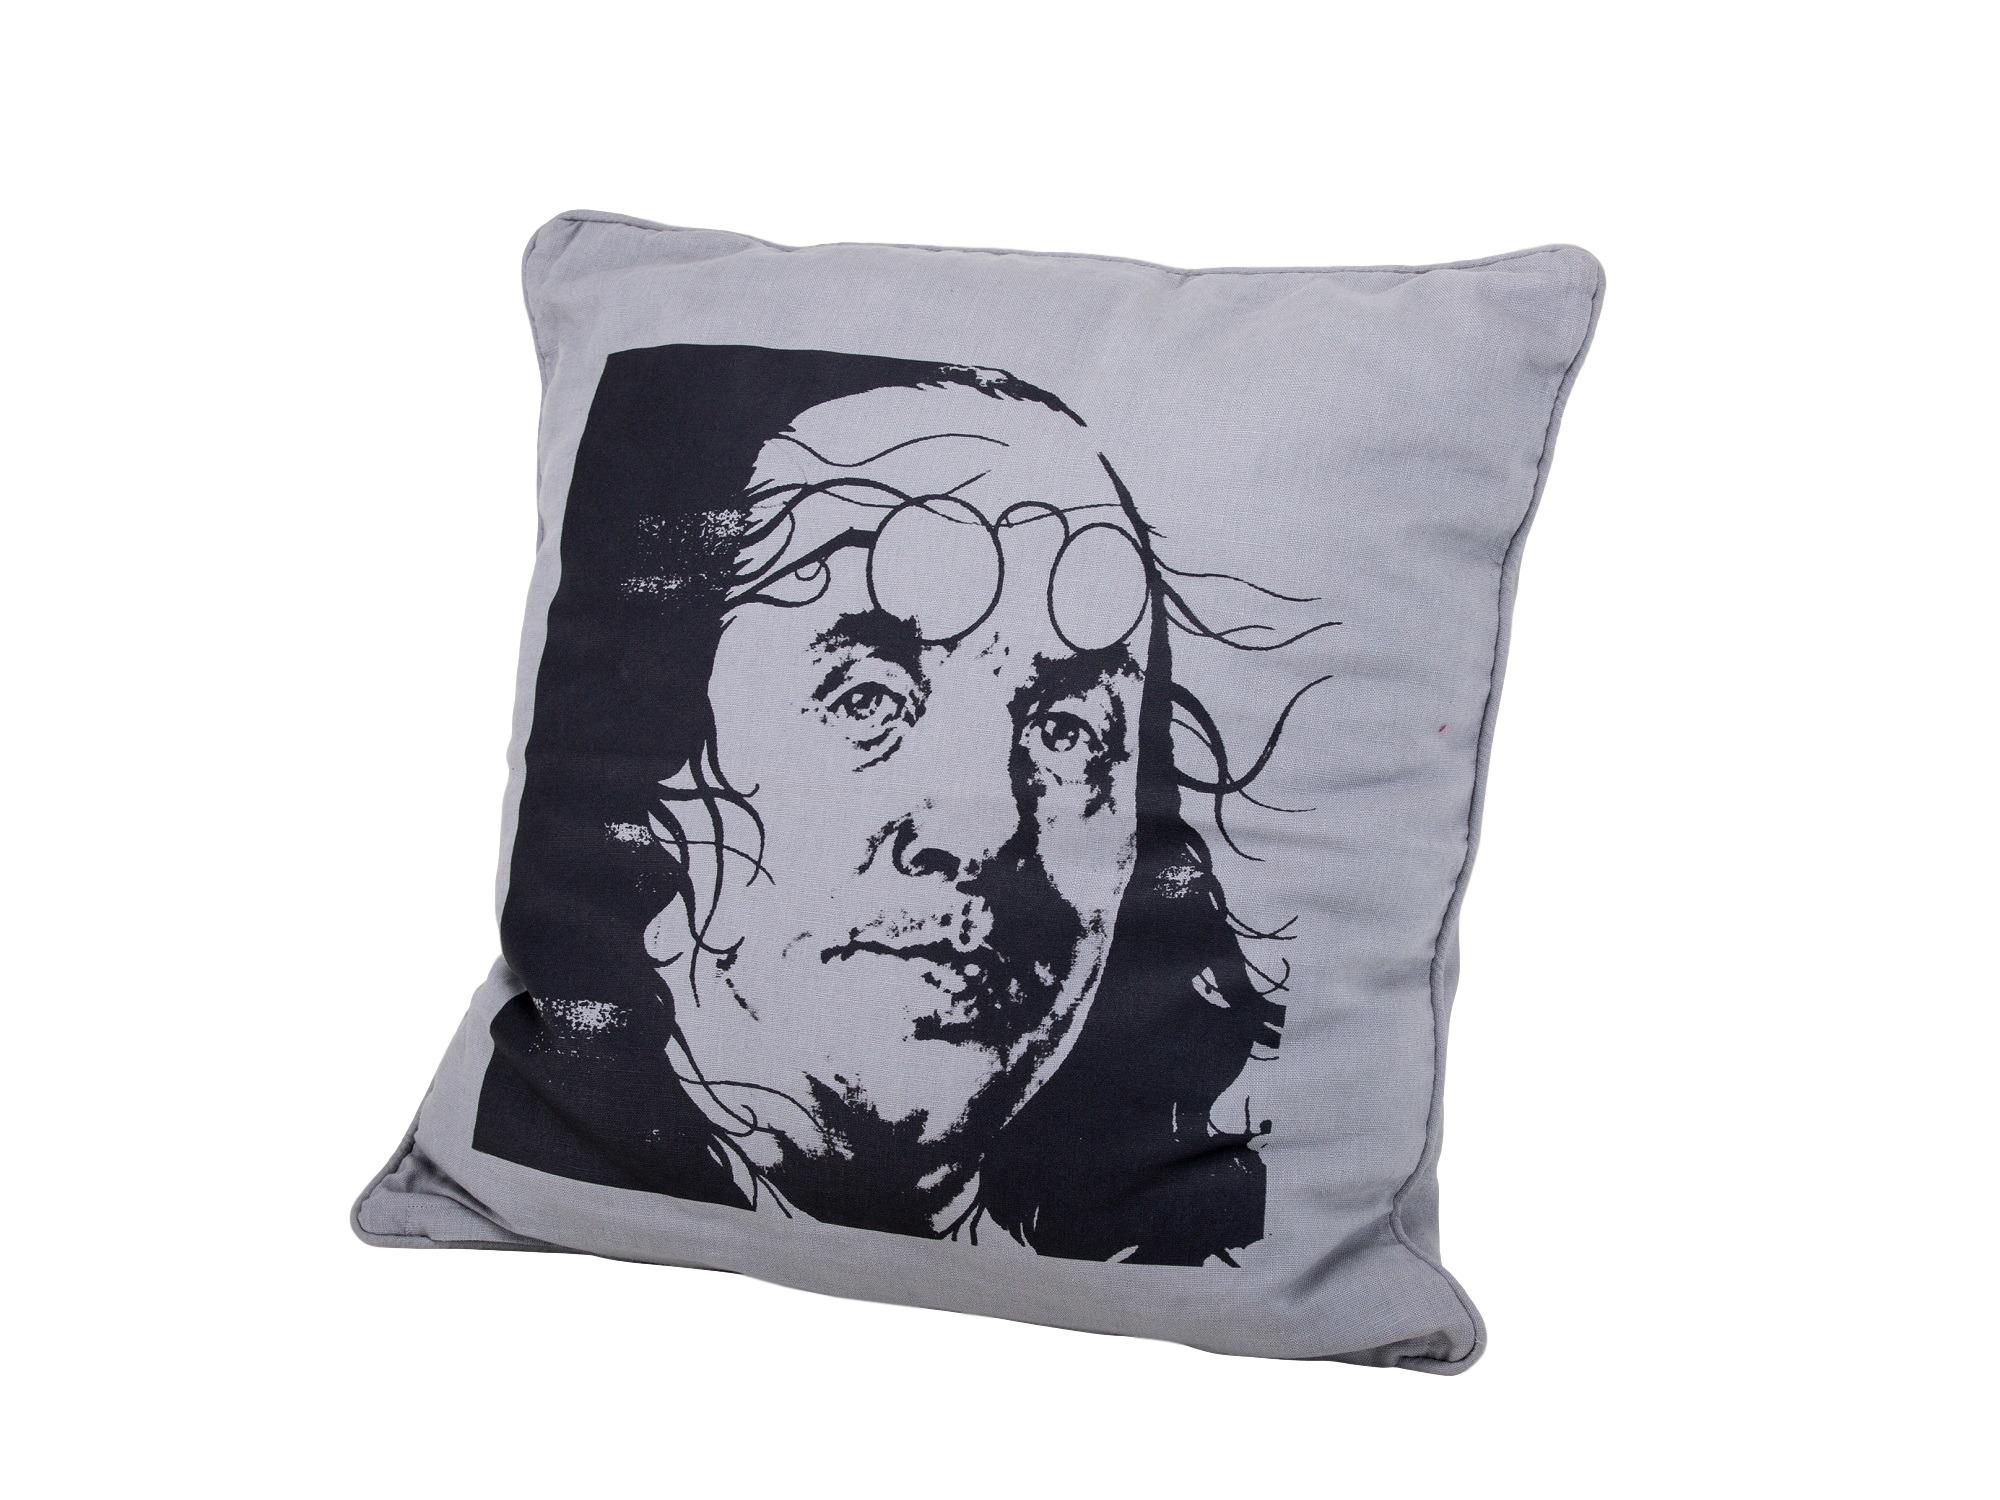 Подушка «Дали»Квадратные подушки<br>Чехлы для подушек от датского дизайнера Annette Egholm.<br><br>Material: Текстиль<br>Width см: 40<br>Depth см: 10<br>Height см: 40